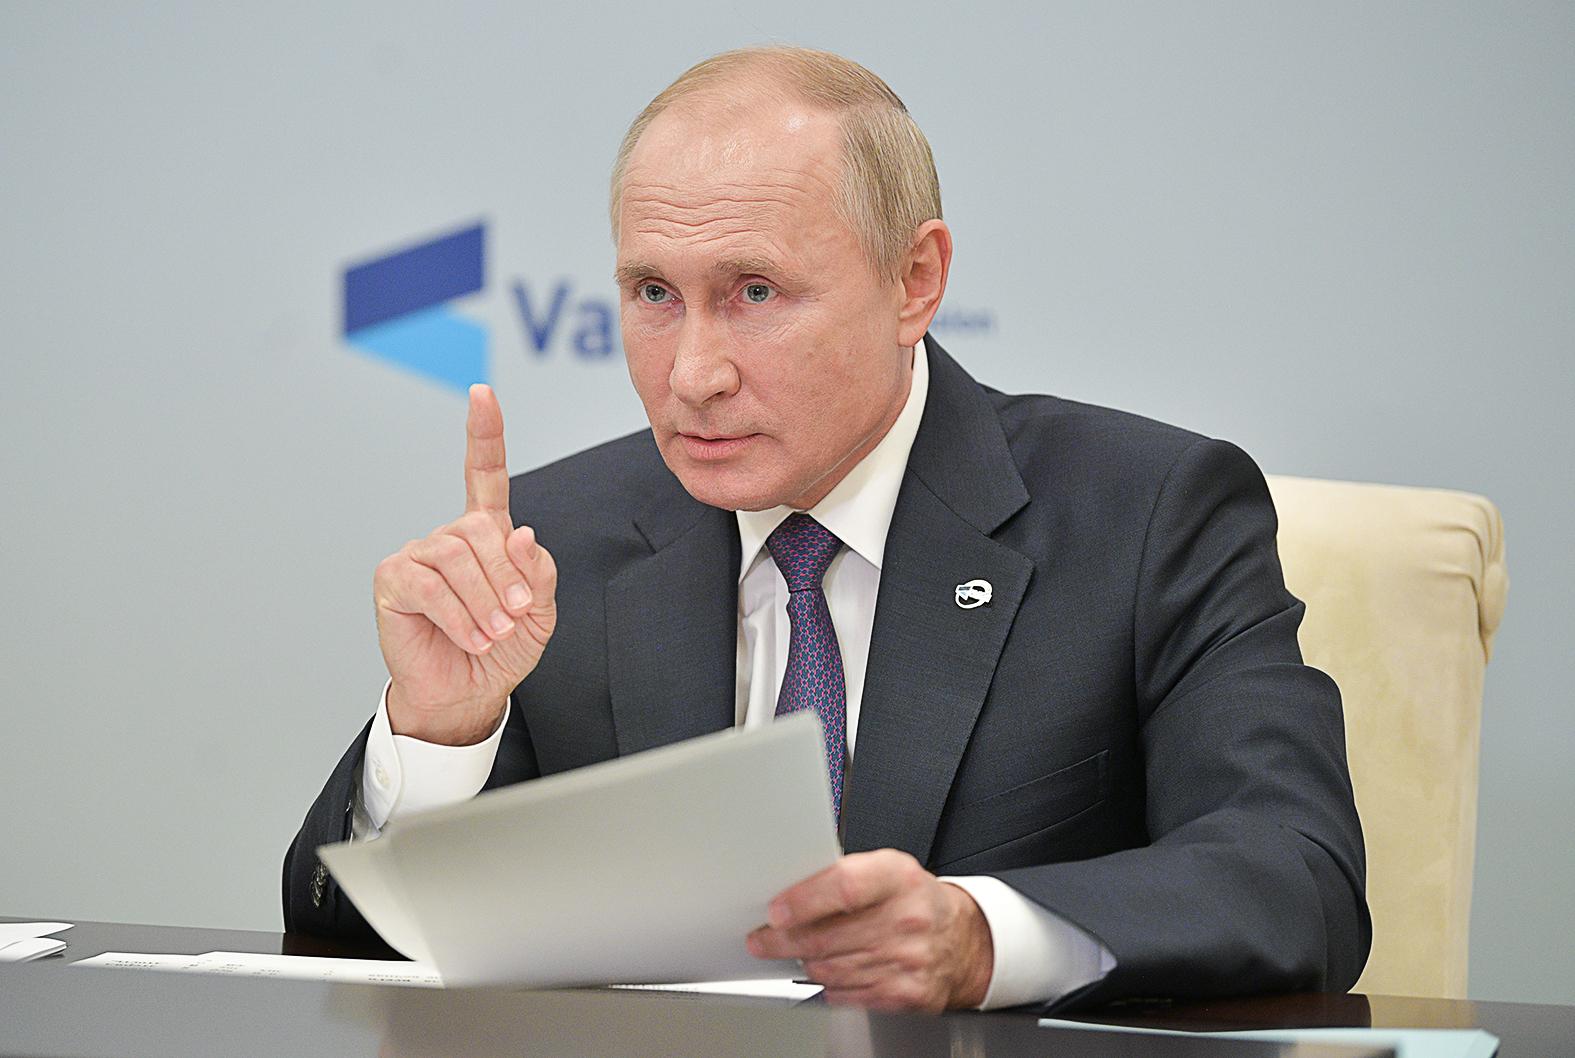 Vlagyimir Putyin orosz elnök a Valdaj klub rendezvényén most videókapcsolaton keresztül tartotta meg beszédét #moszkvater